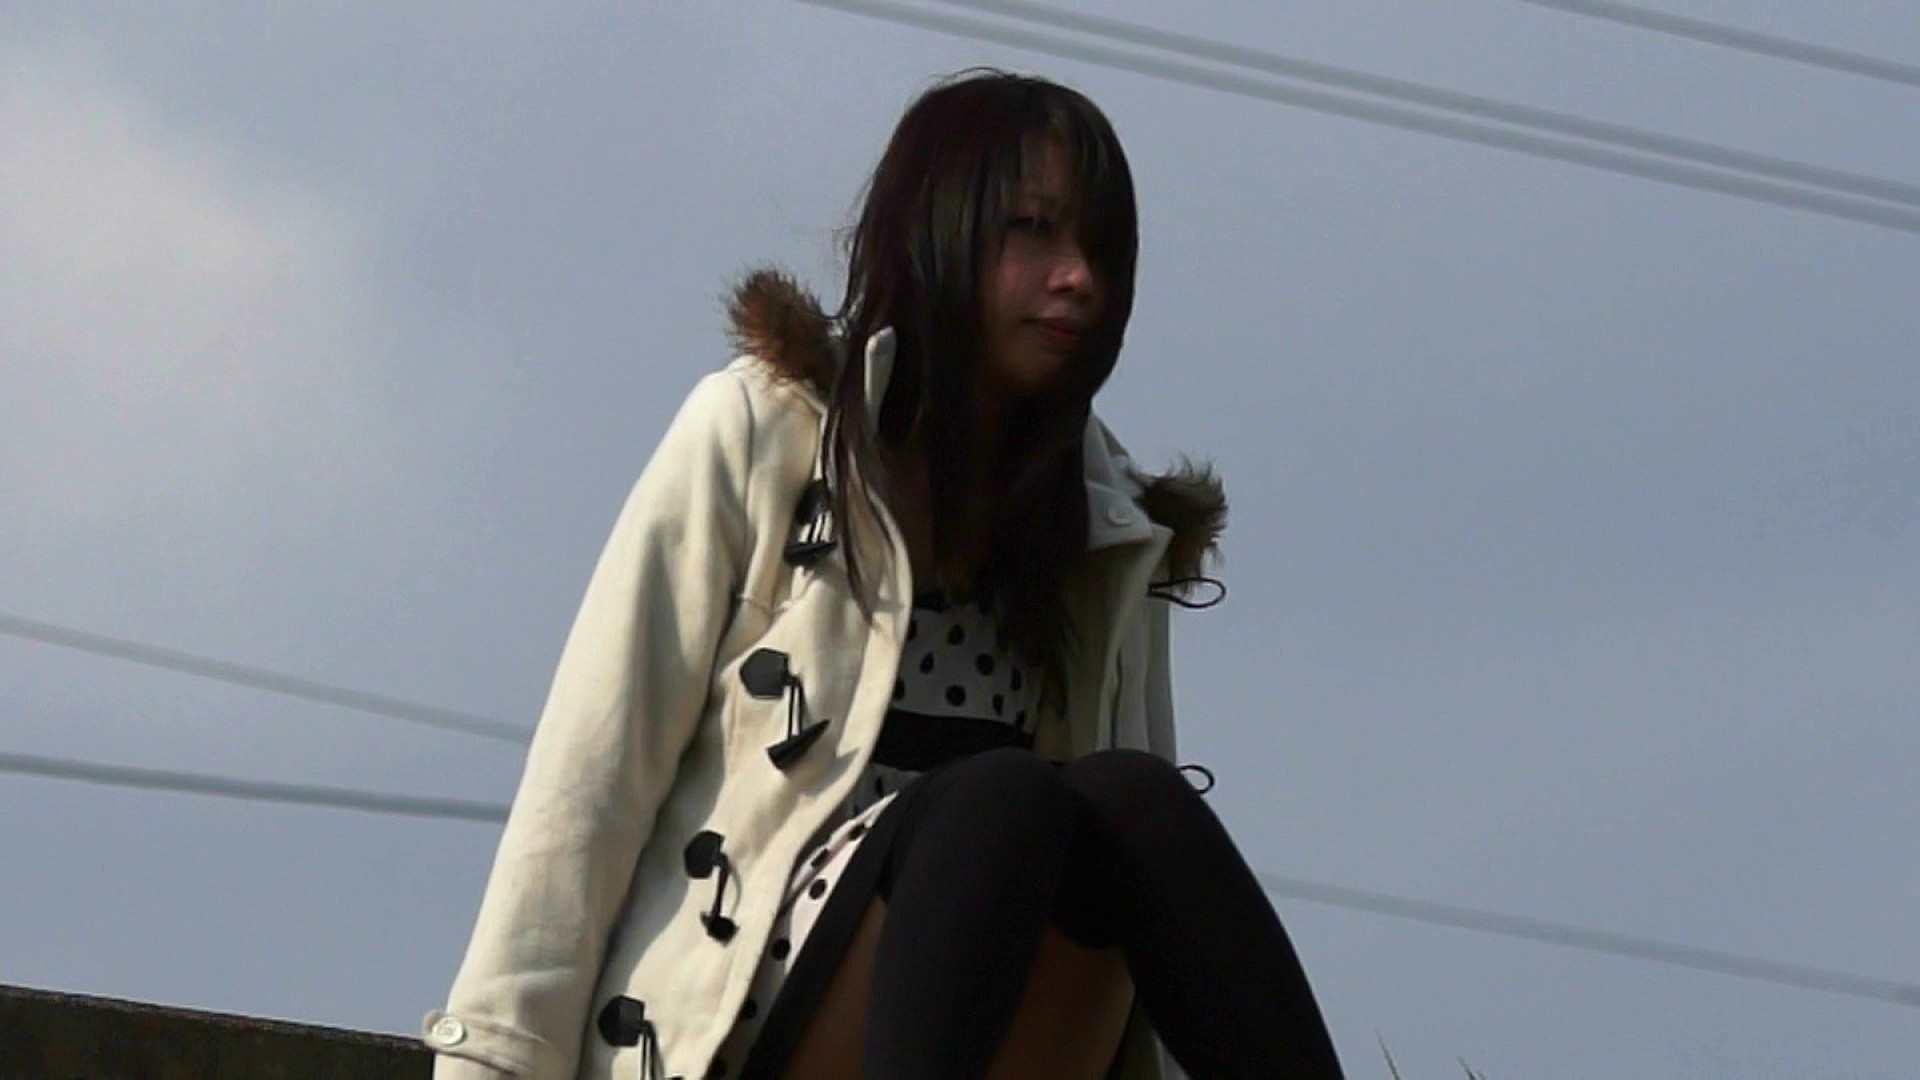 vol.2 自宅近く思い出の地で黄昏る志穂さん お姉さん攻略  83画像 33